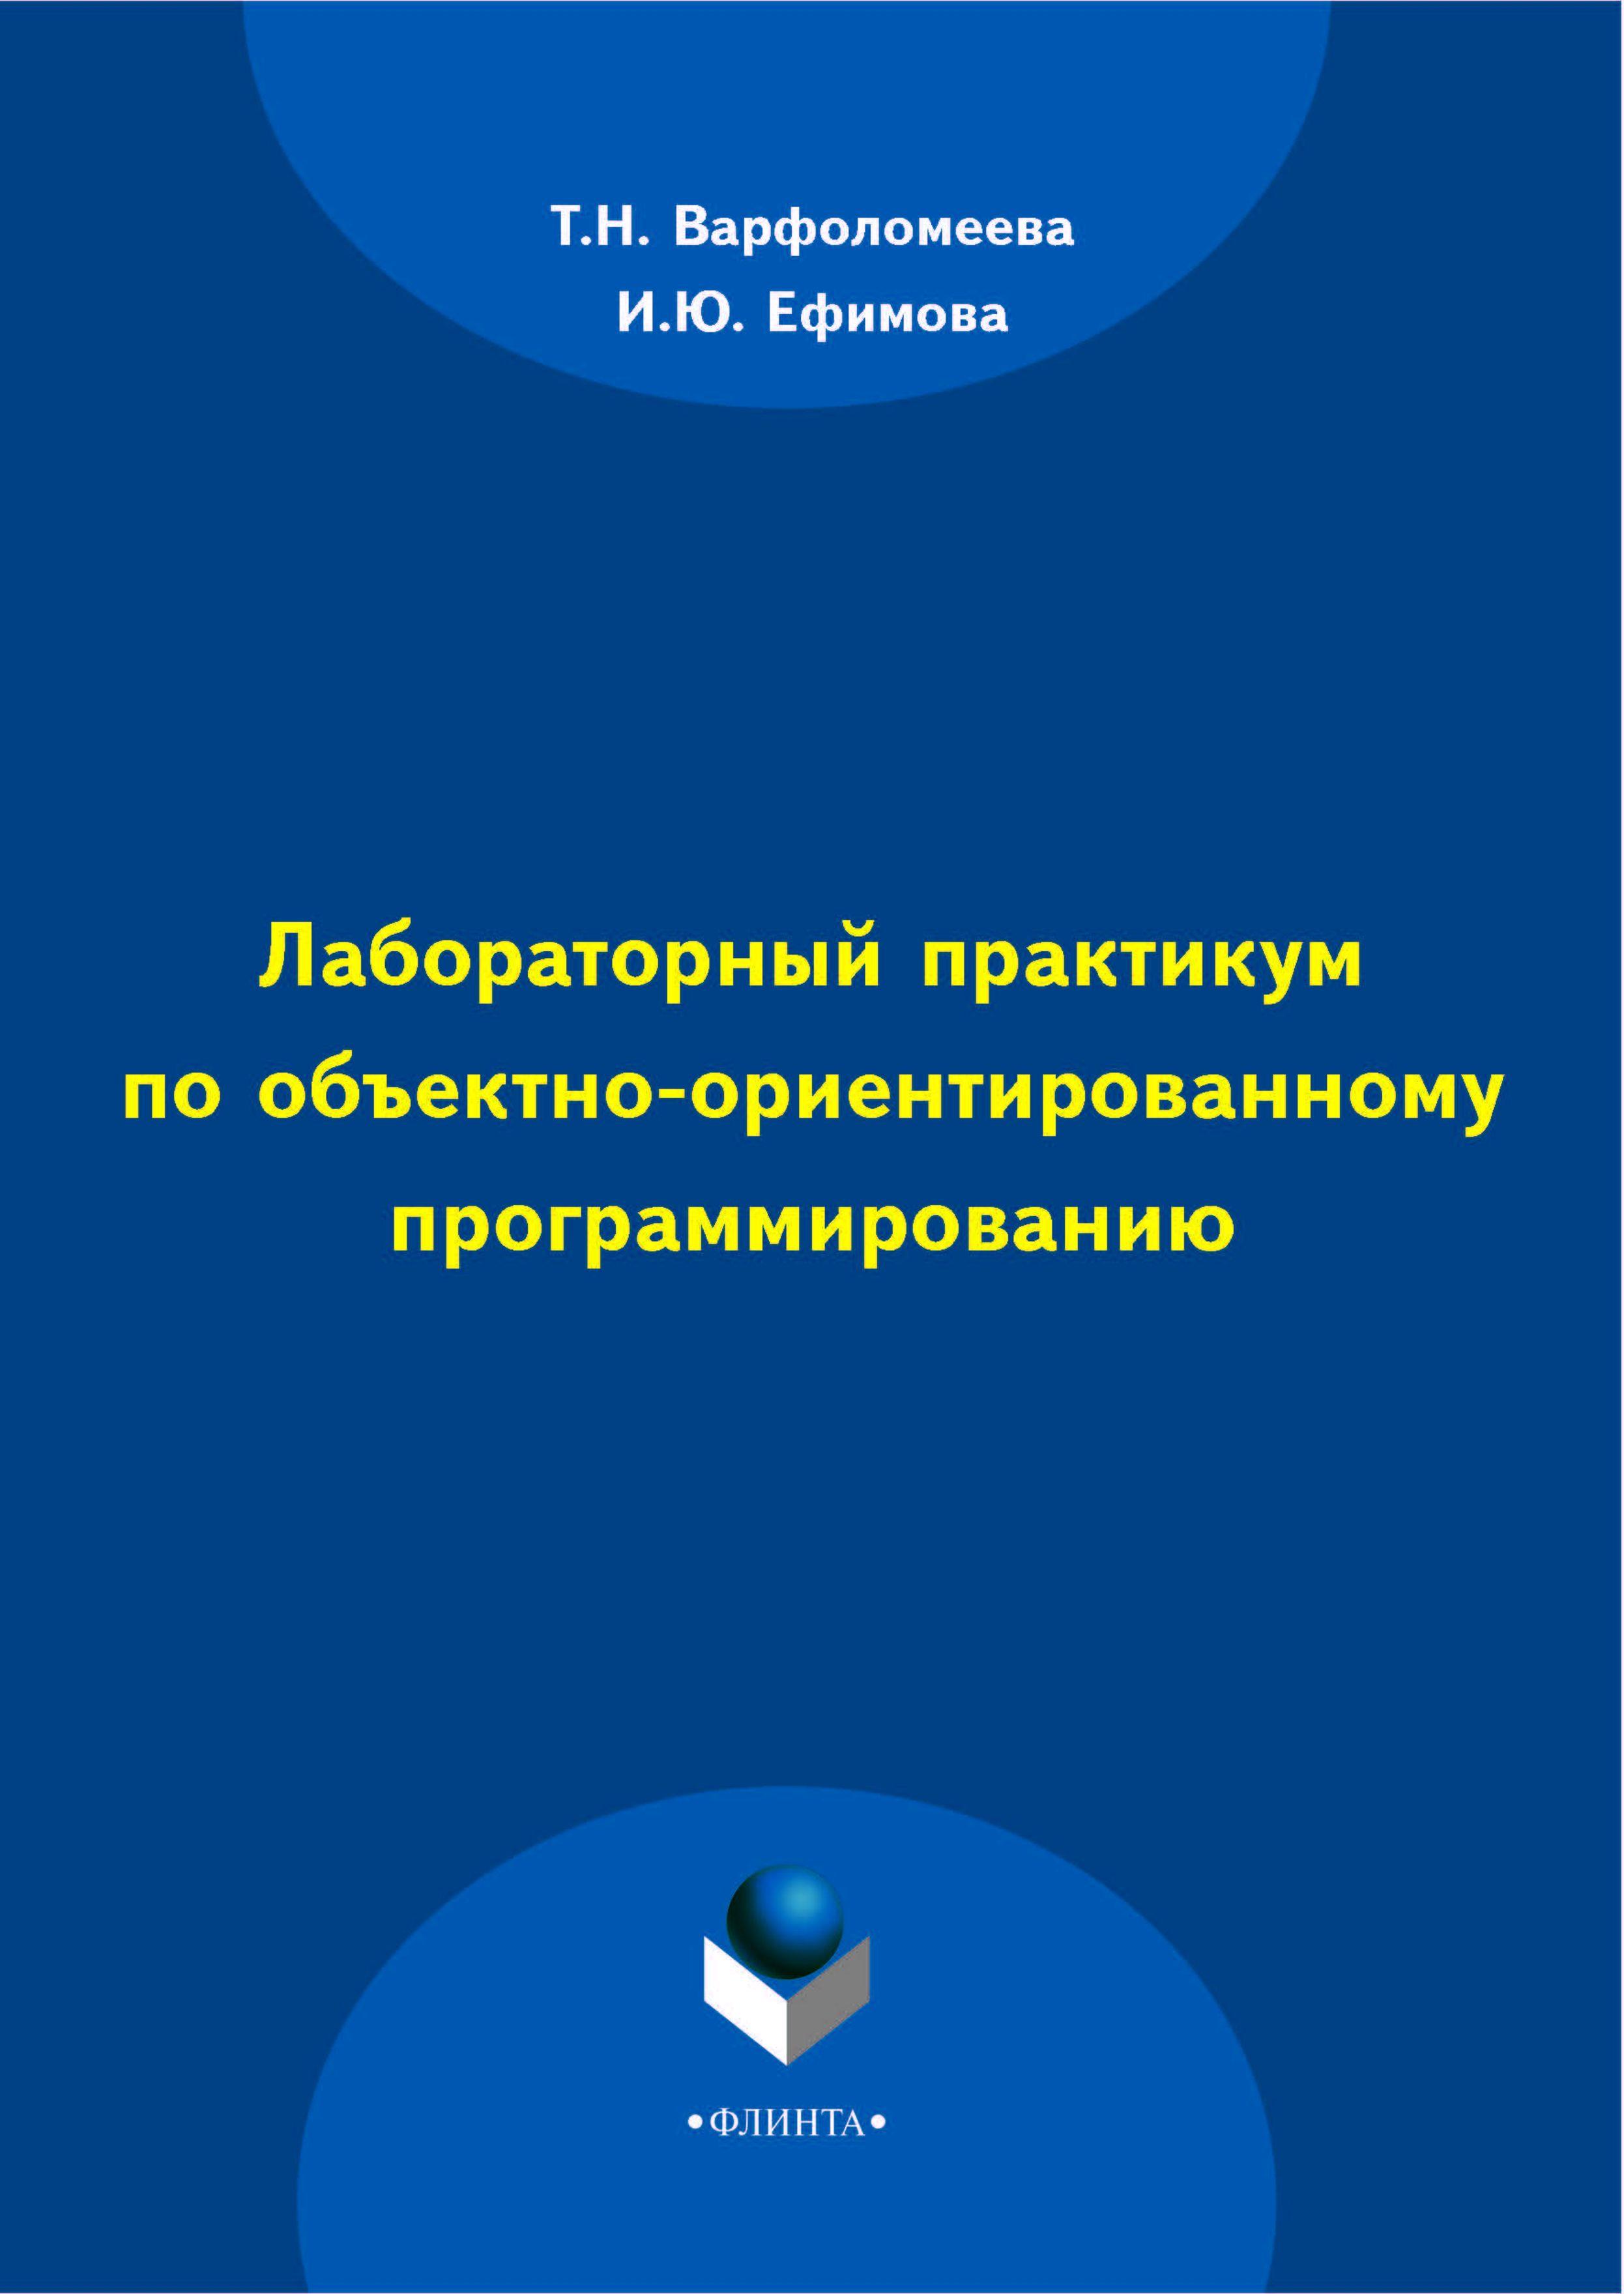 И. Ю. Ефимова Лабораторный практикум по объектно-ориентированному программированию аляев ю практикум по алгоритмизации и программированию на языке паскаль